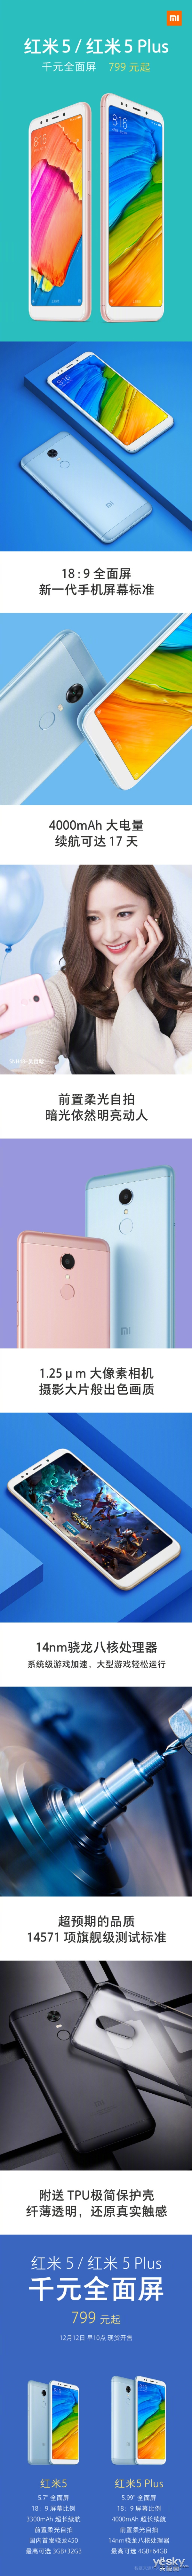 千元全面屏红米5系列手机即将上市:今日10点首发